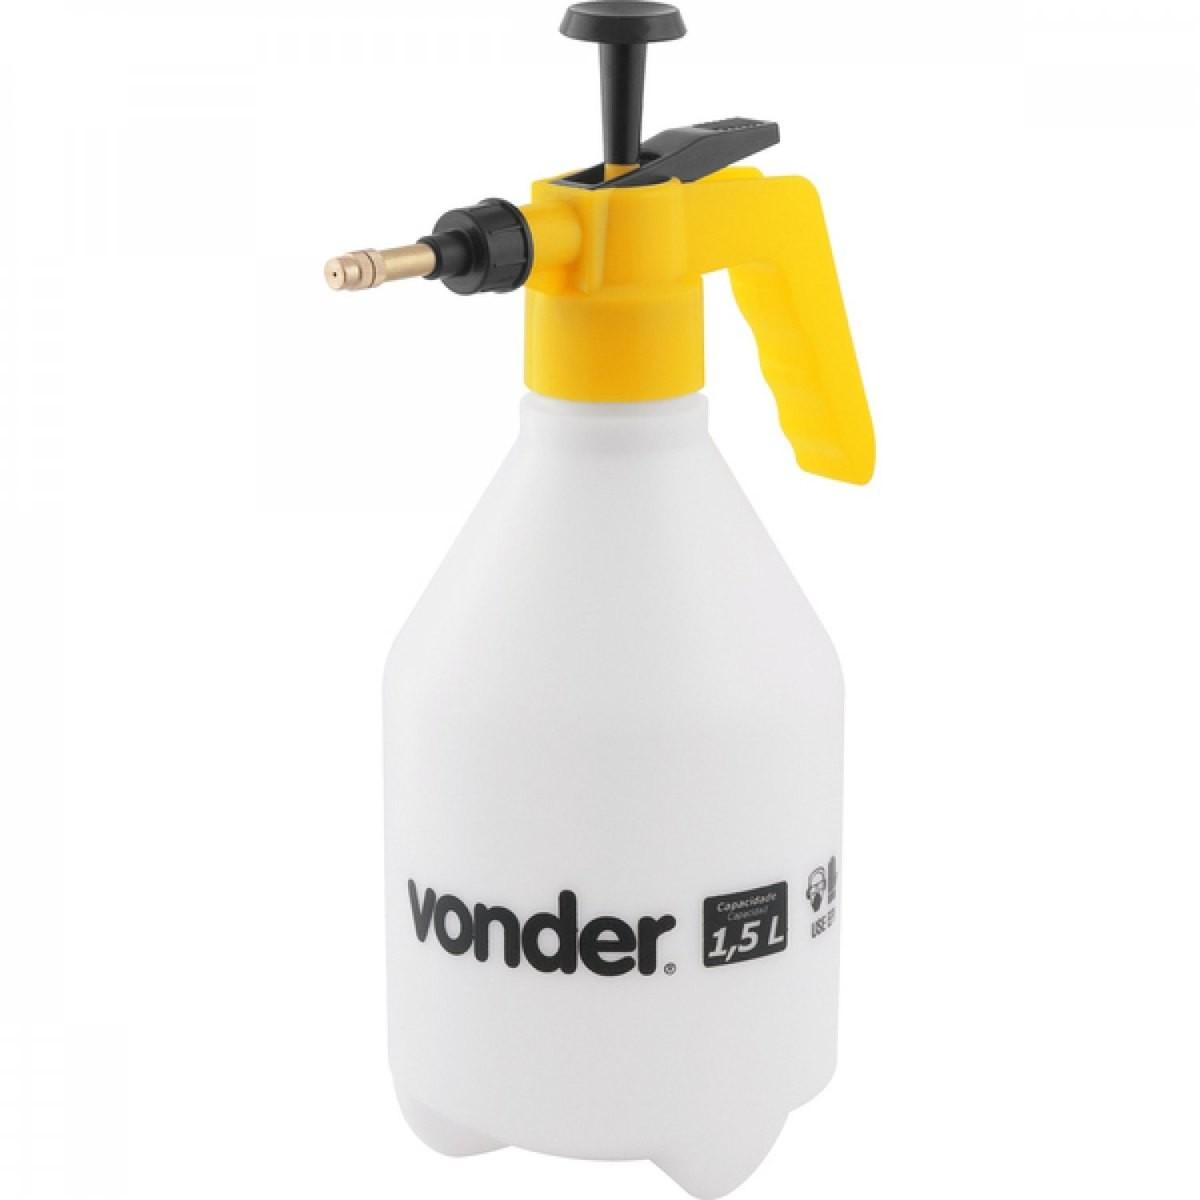 Pulverizador Manual Vonder Gatilho com Compressao Previa 15 Litros